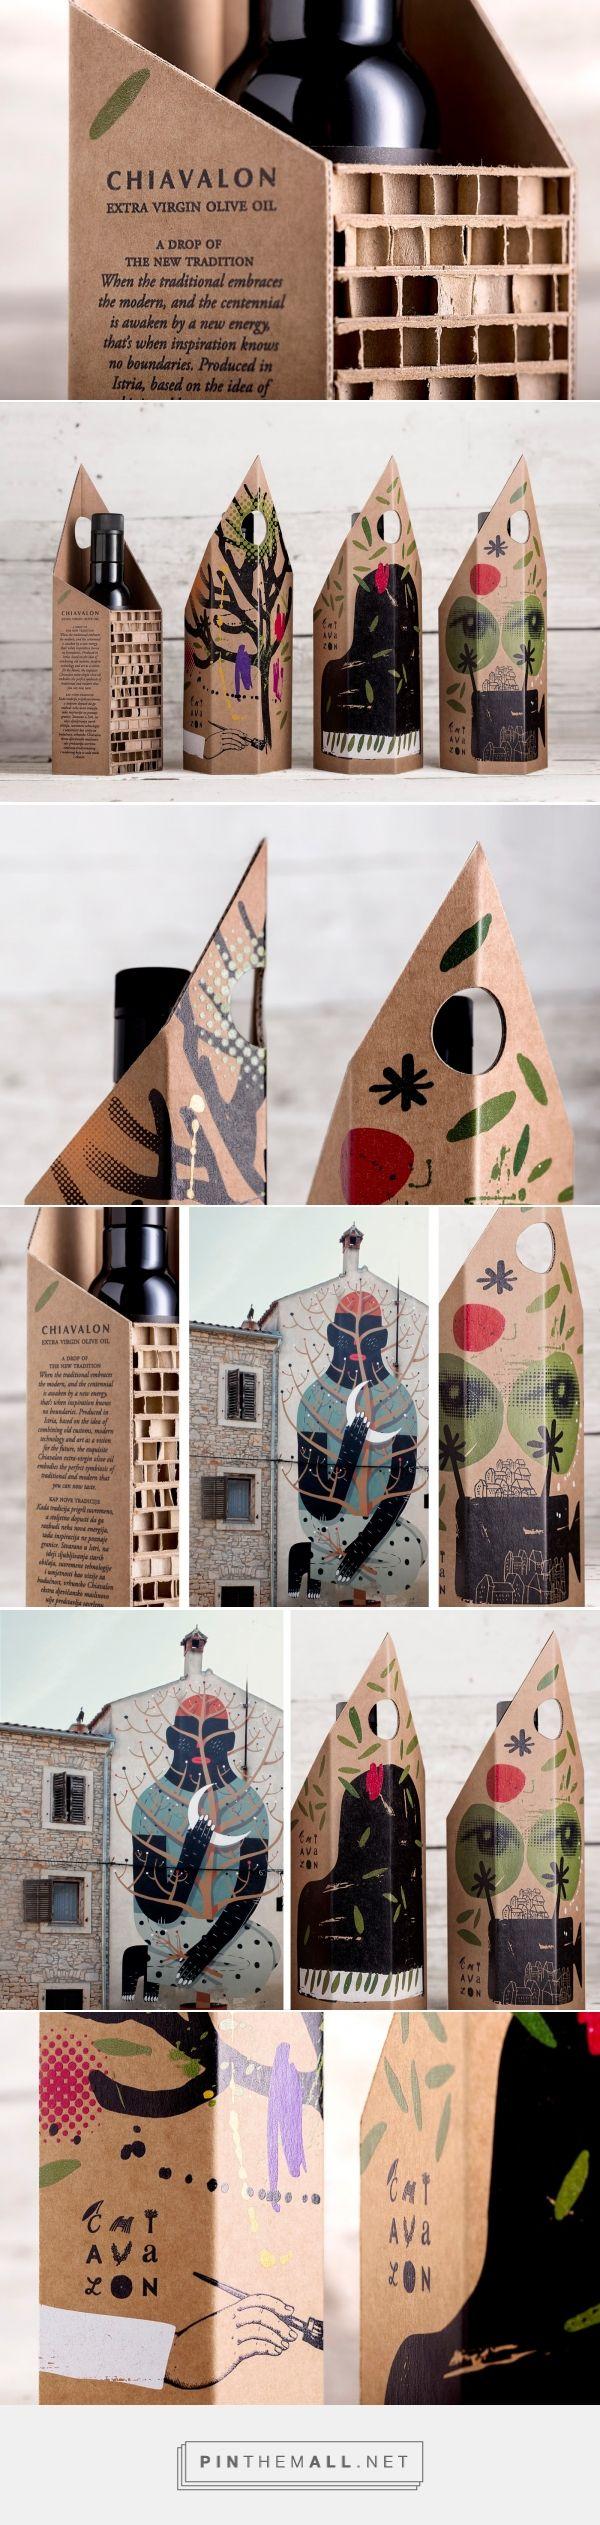 Chiavalon olive oil gift packaging design by Bruketa&Zinic&Grey - https://www.packagingoftheworld.com/2018/03/chiavalon-gift-packaging.html